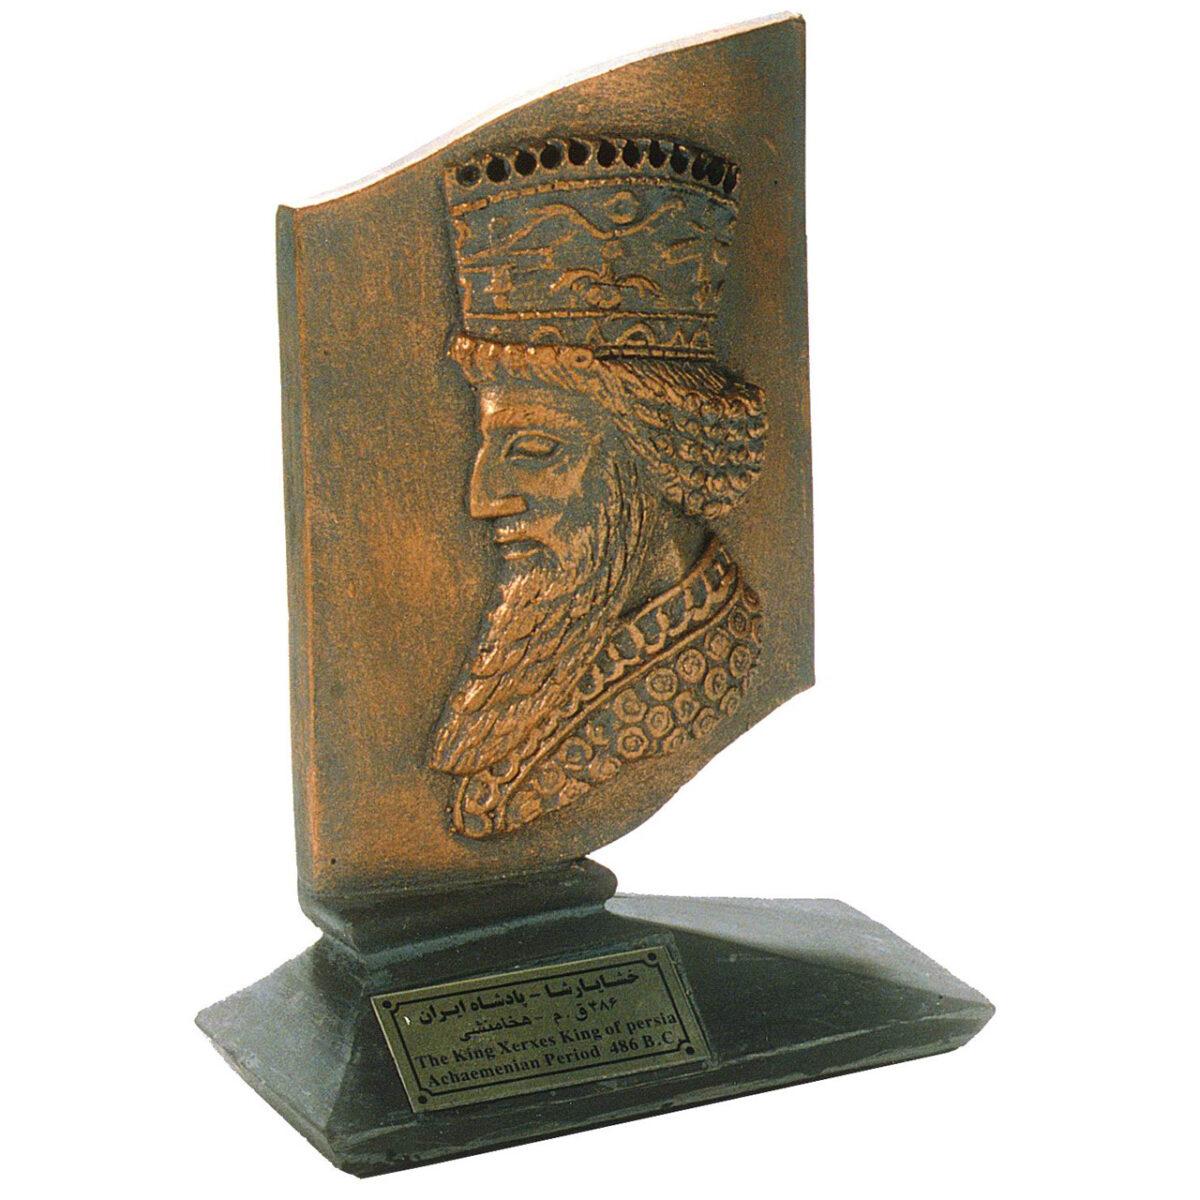 مجسمه تندیس و پیکره شهریار مدل لوح نقش برجسته خشایارشا کد MO2790